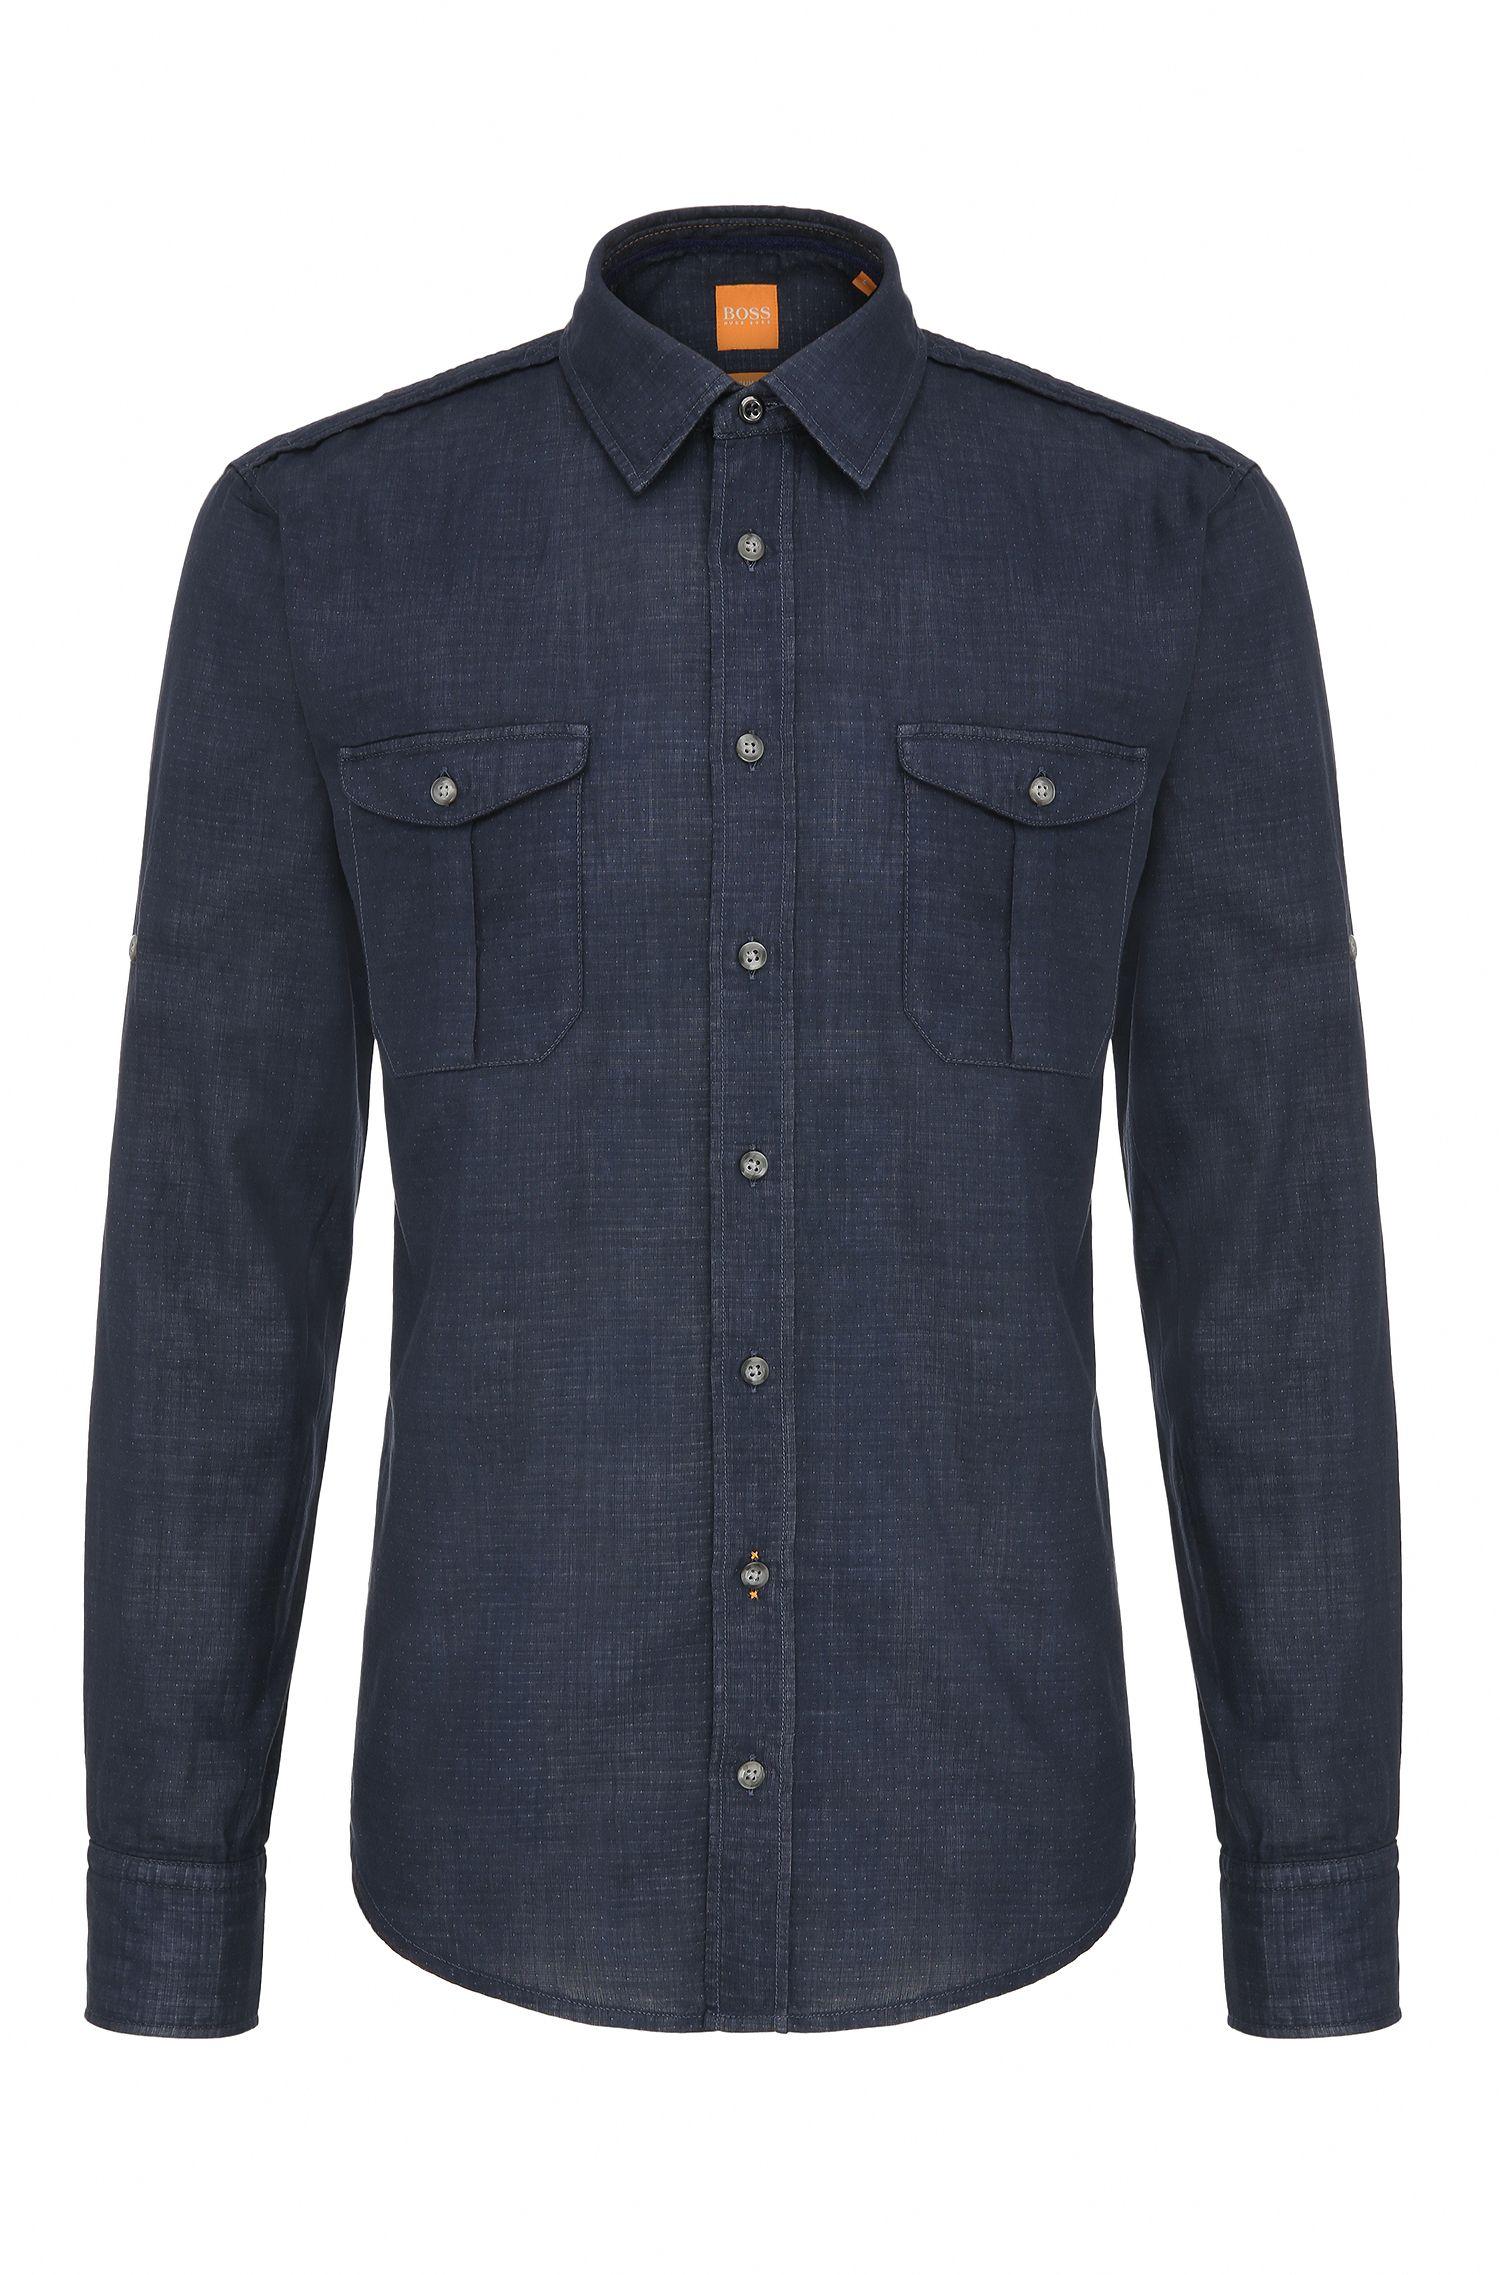 'CadettoE' | Slim Fit, Cotton Button Down Shirt